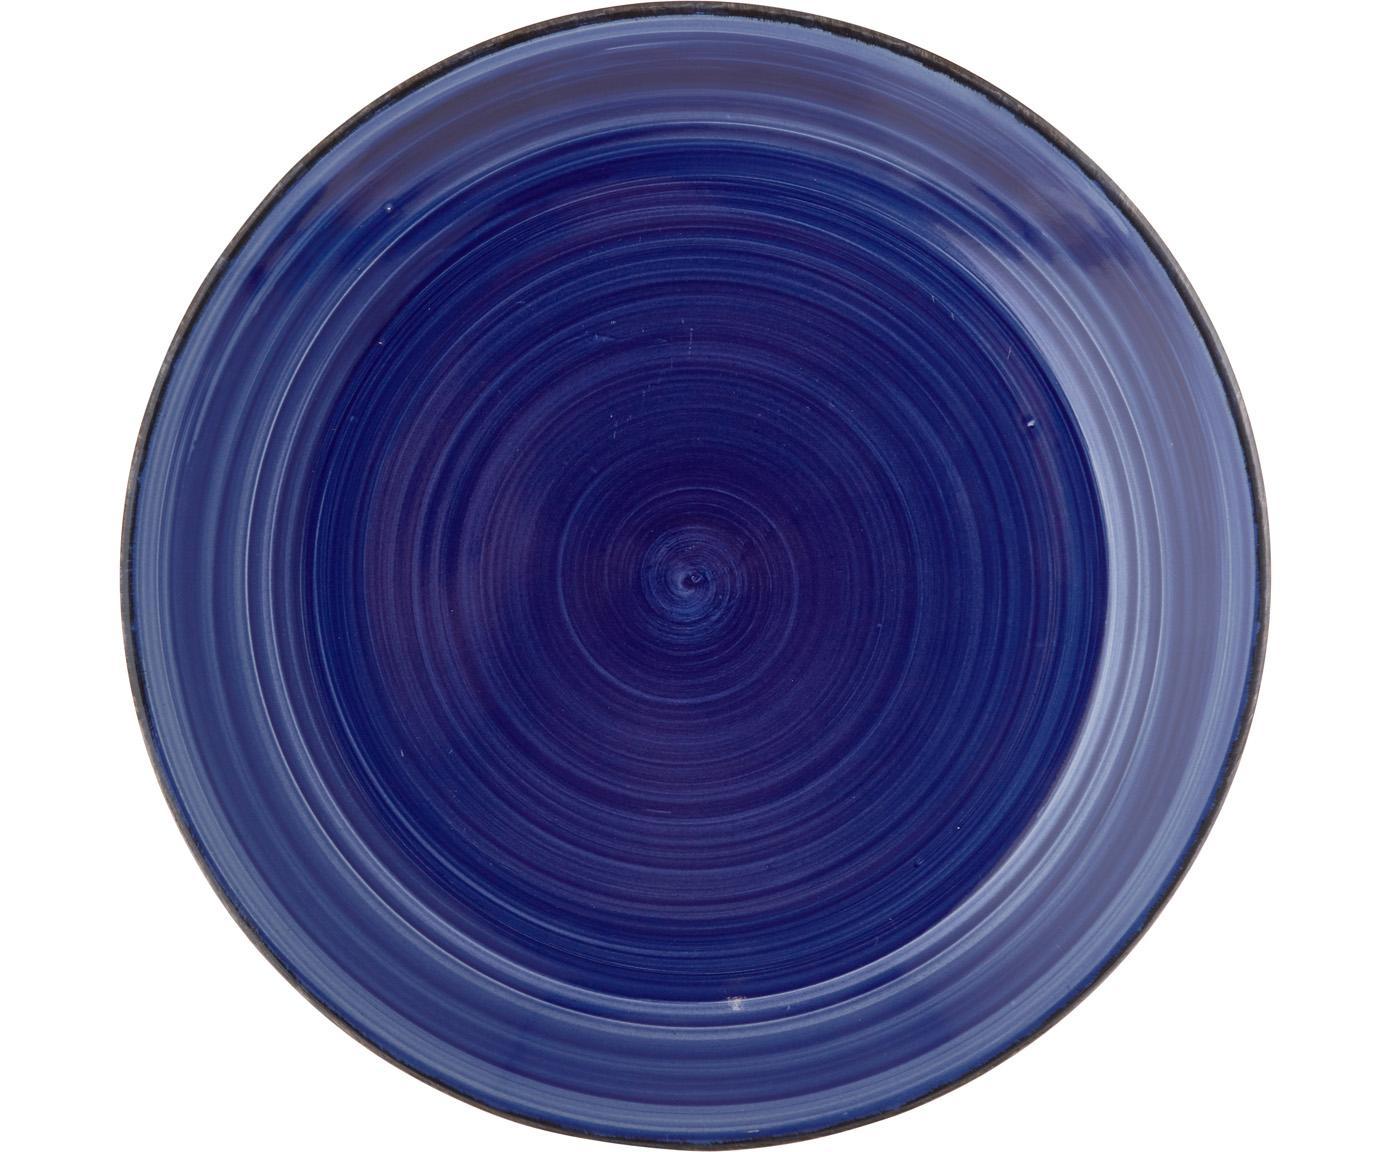 Platos llano Baita, 6uds., Gres, pintadaamano, Azul, Ø 27 cm